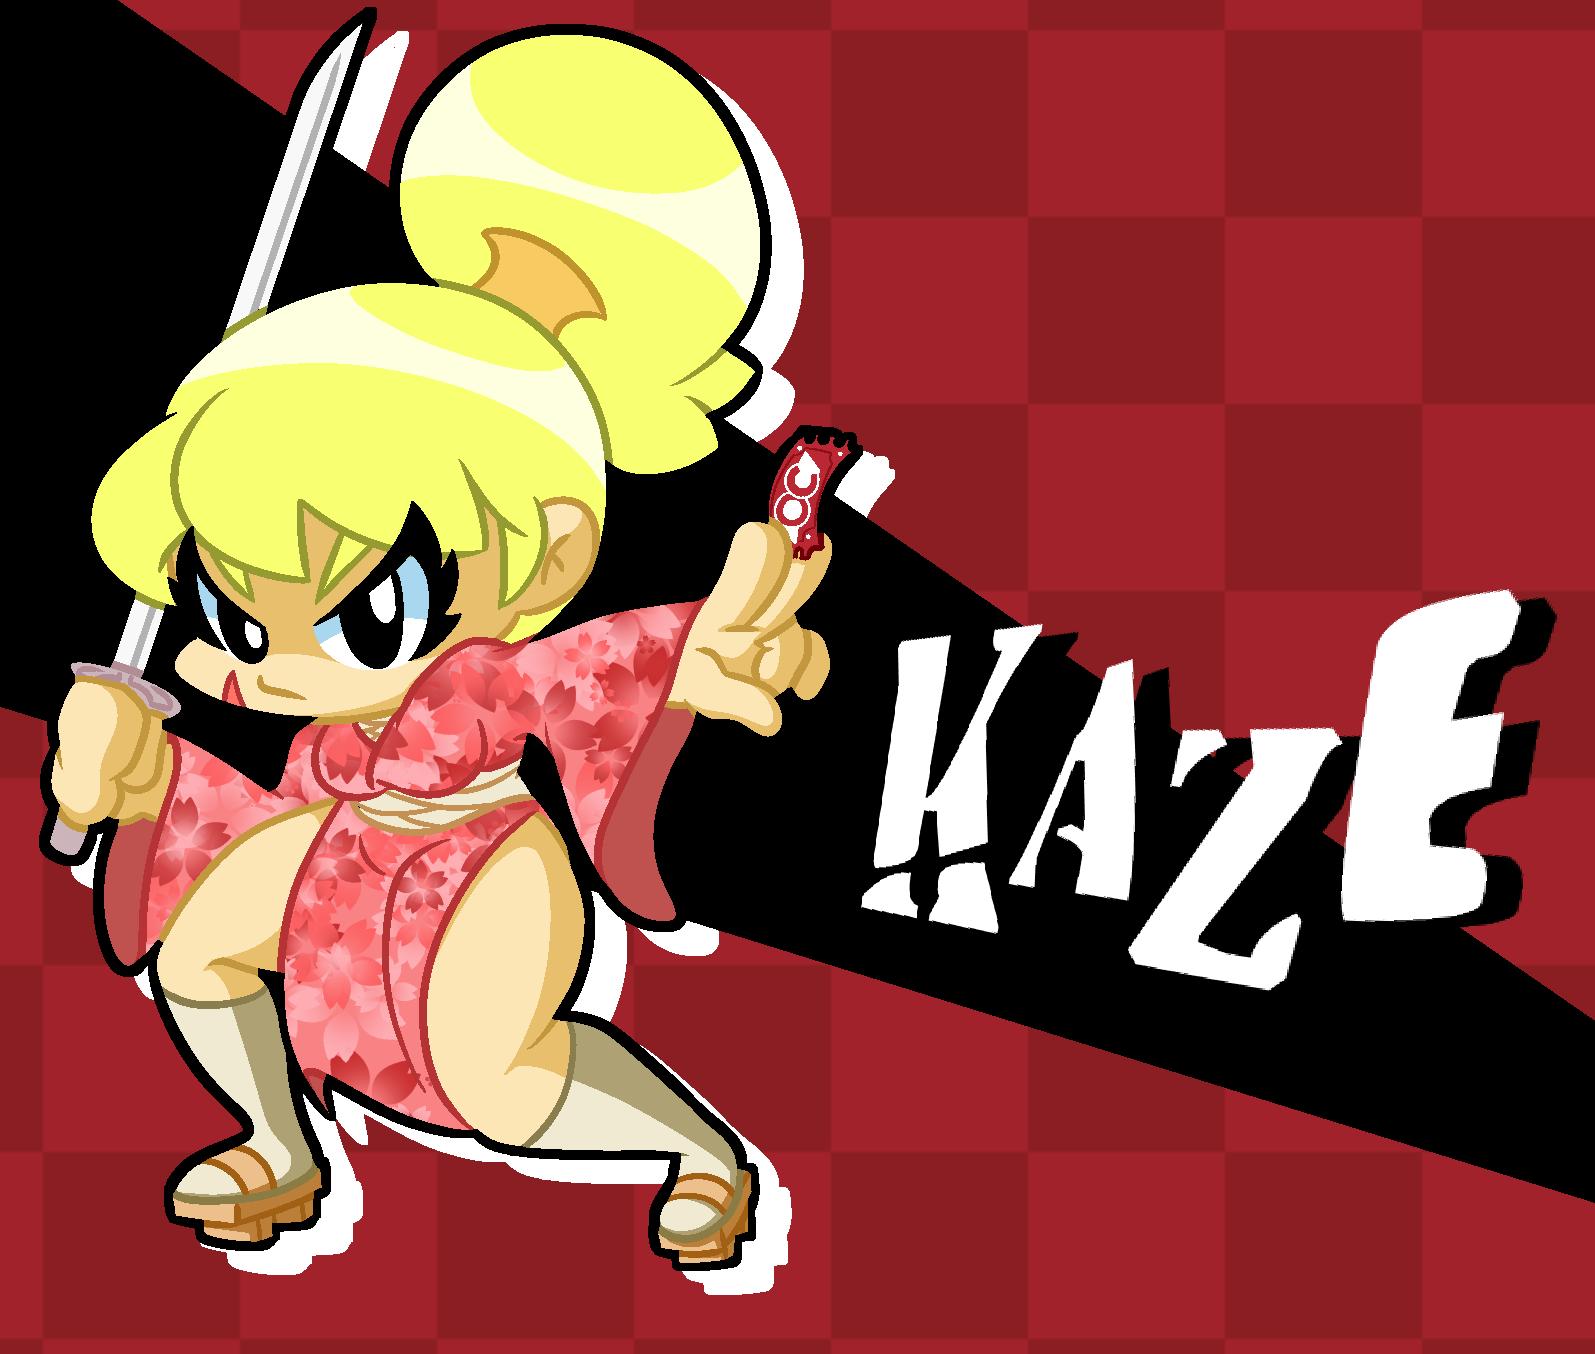 Kaze joins the fight